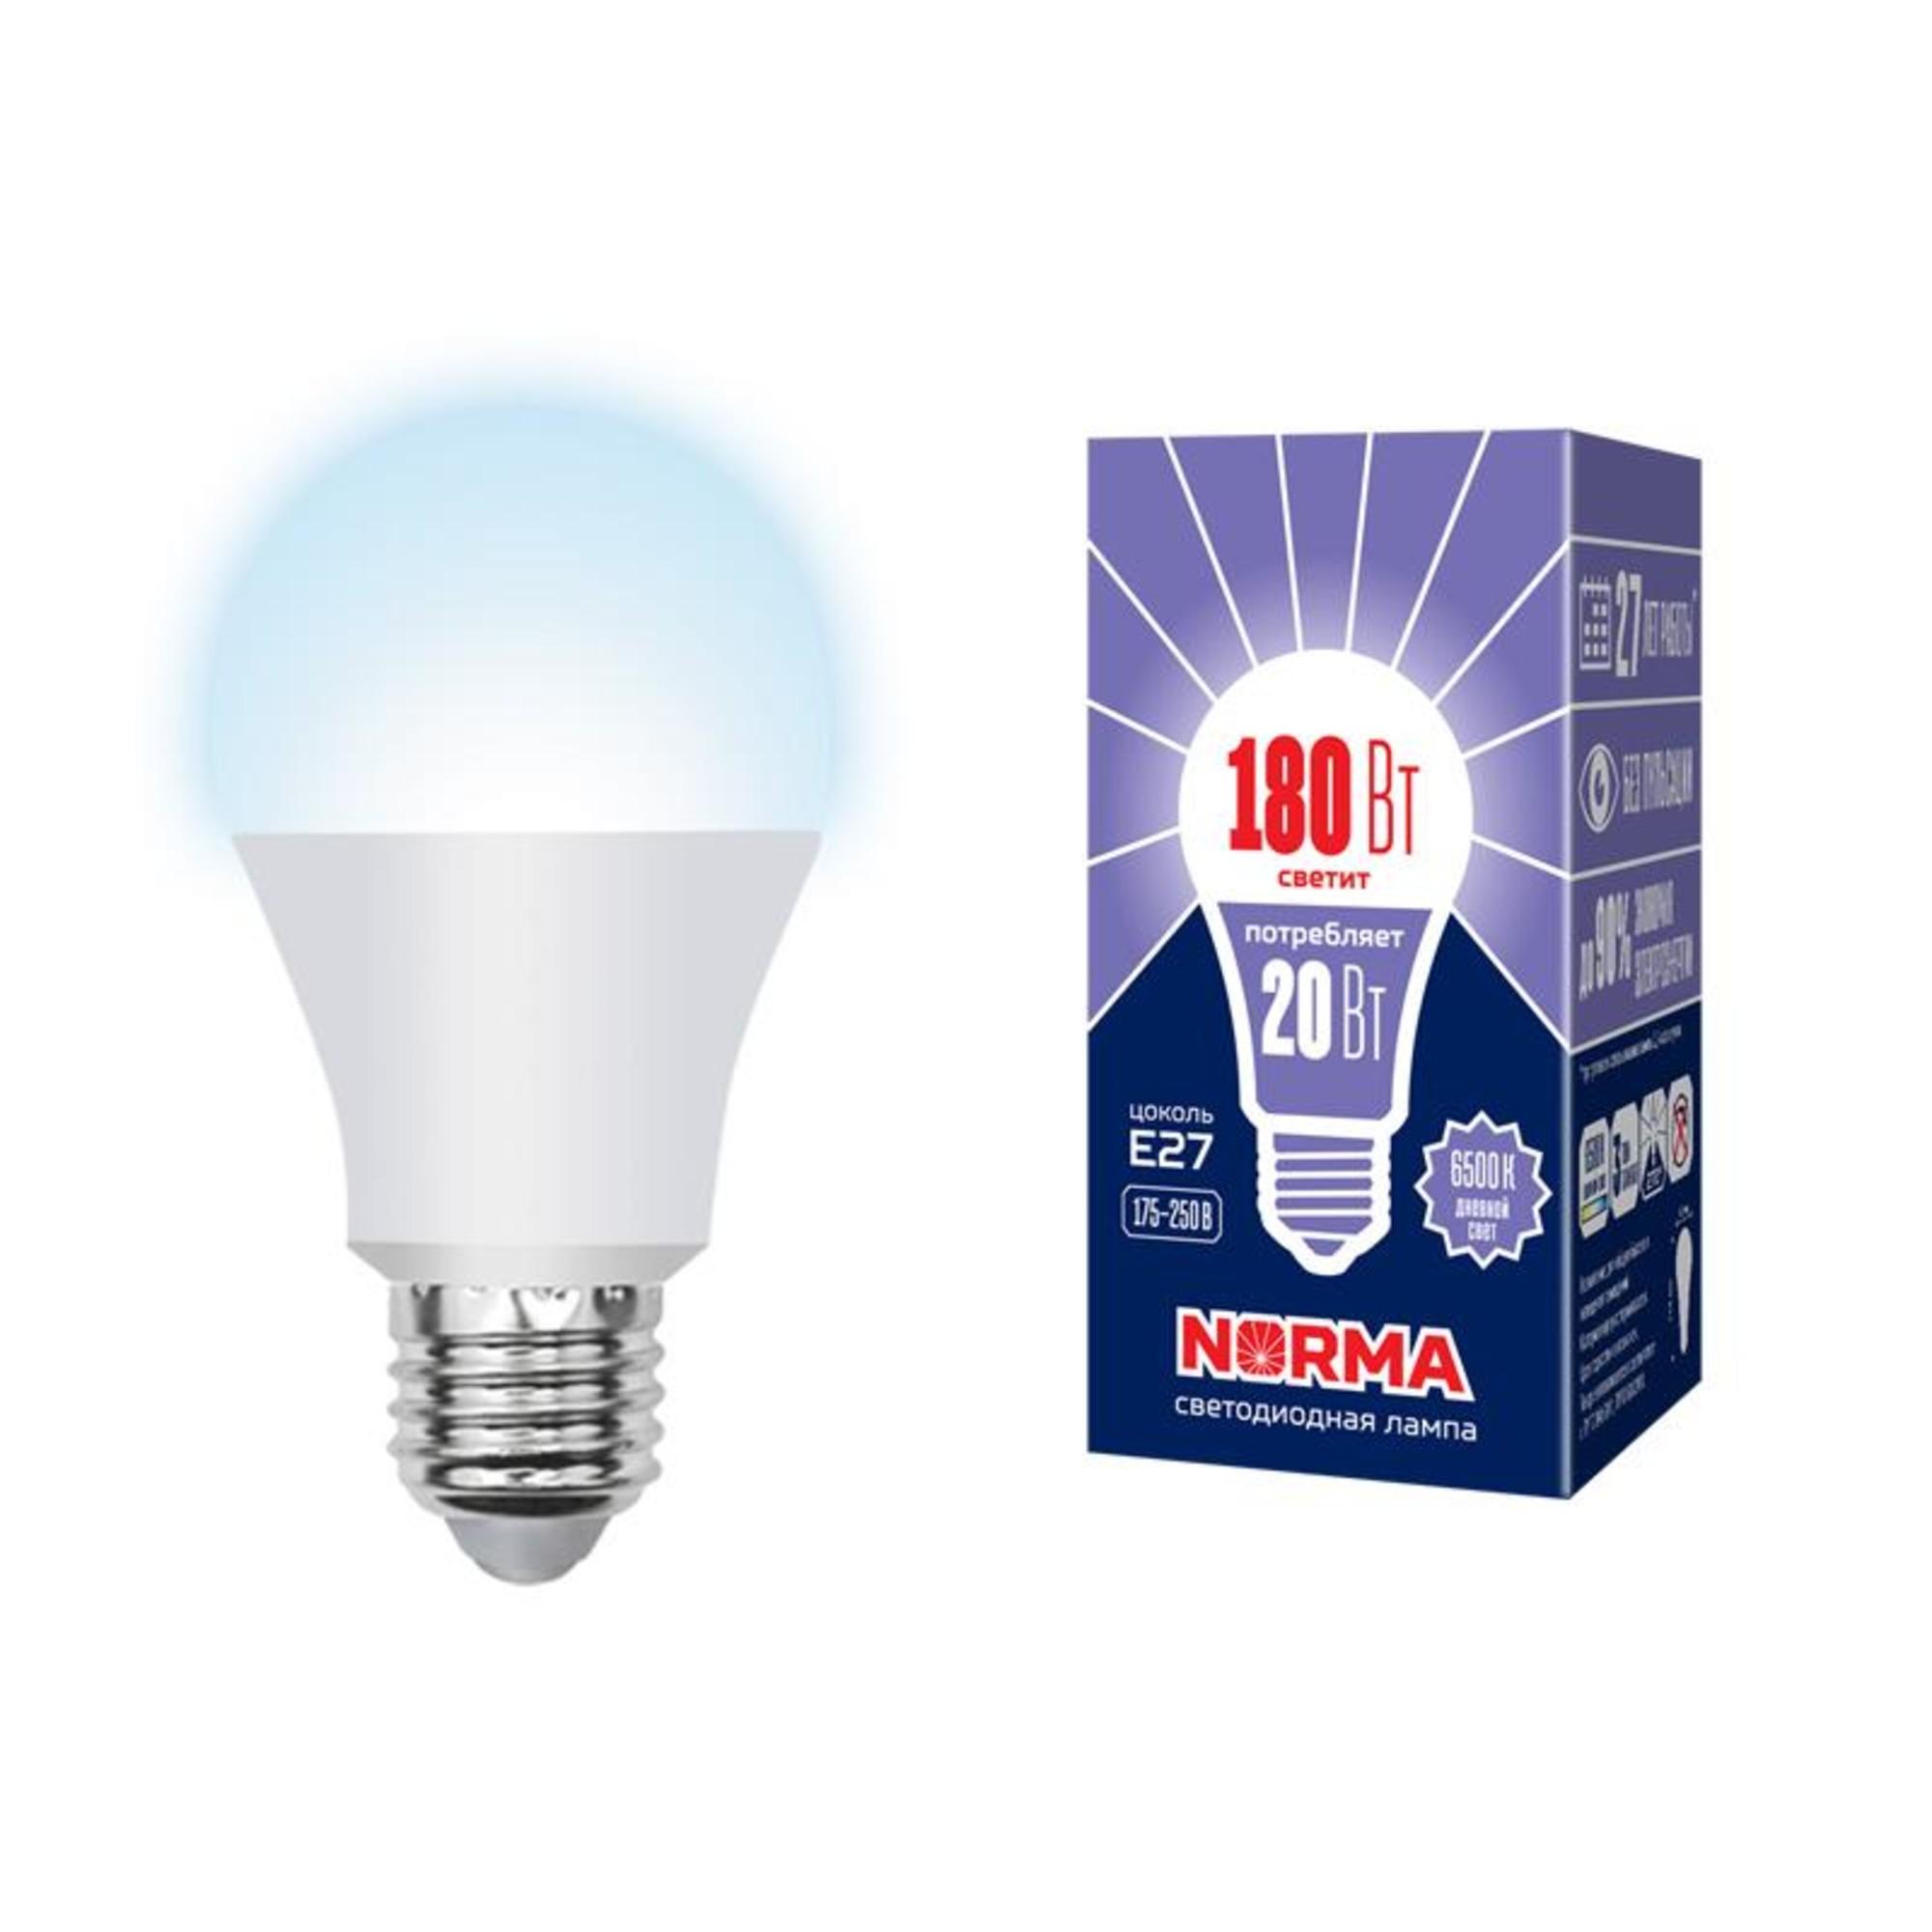 Лампа Volpe светодиодная E27 20 Вт нейтральный свет